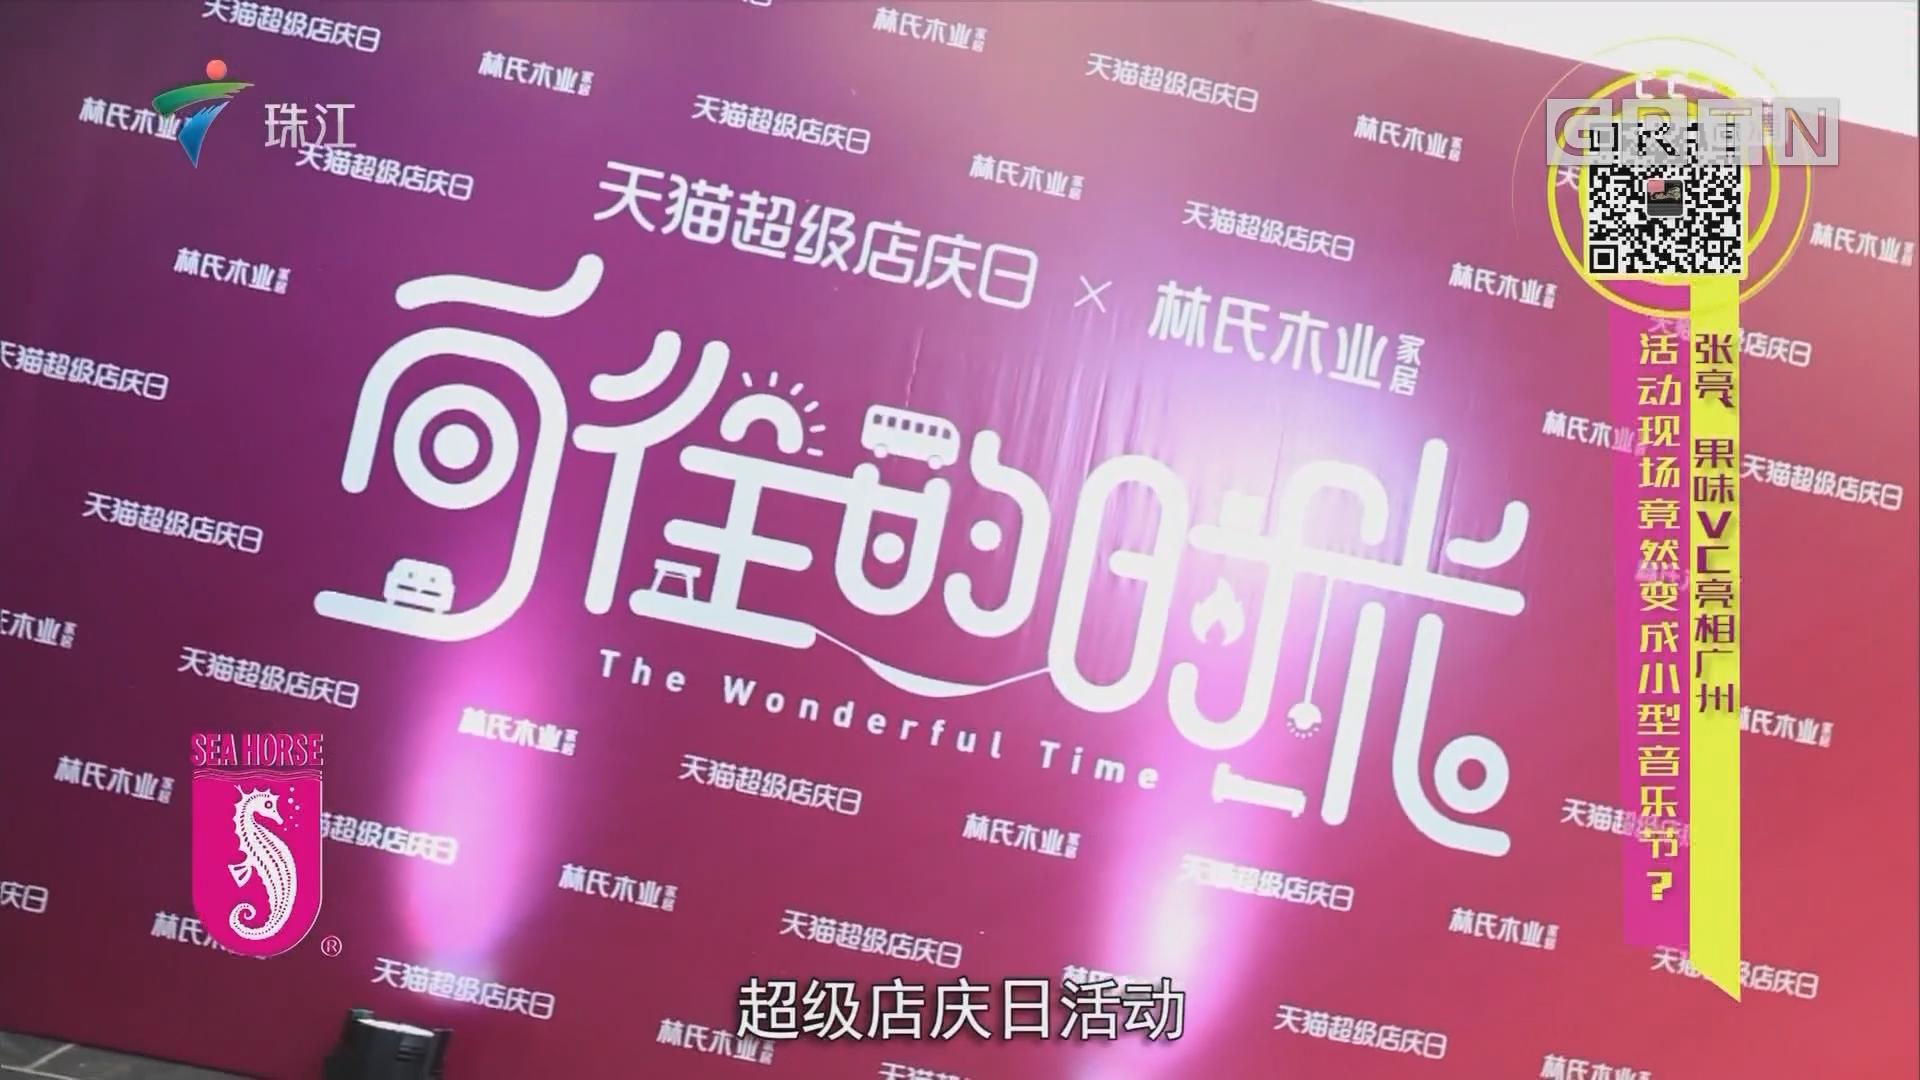 張亮、果味VC亮相廣州 活動現場竟然變成小型音樂節?